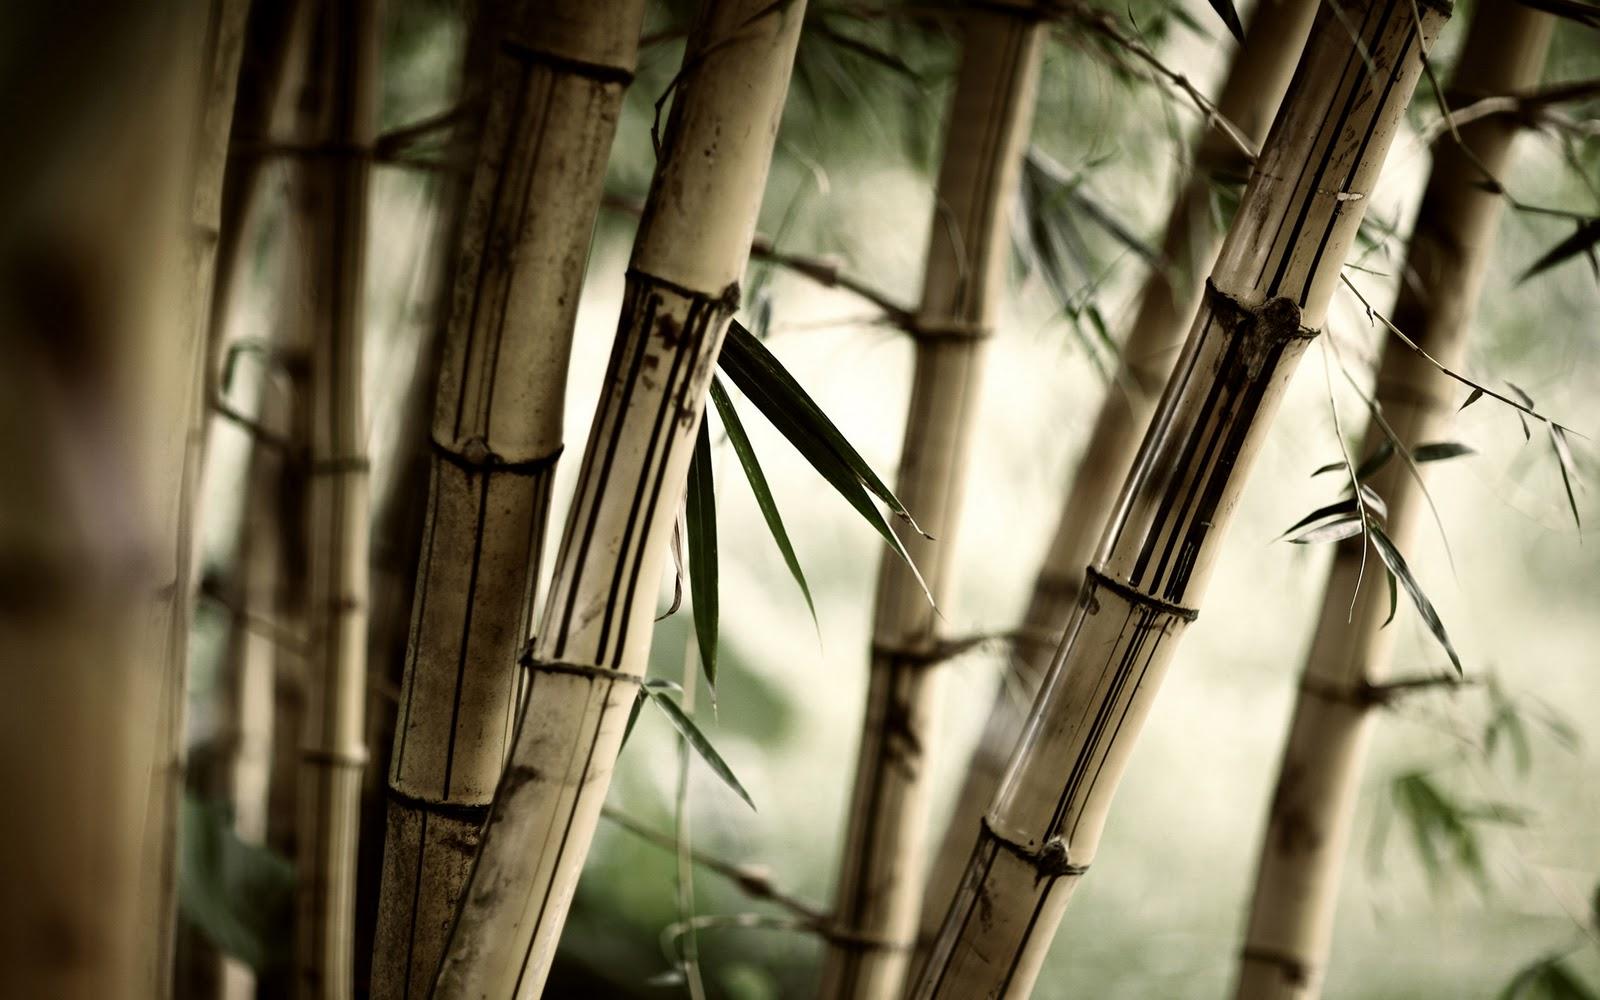 http://3.bp.blogspot.com/_KPaym_QzA1Y/TVJib3vJ2EI/AAAAAAAAADM/X99haAq7CNg/s1600/Japan-Bamboo.jpg